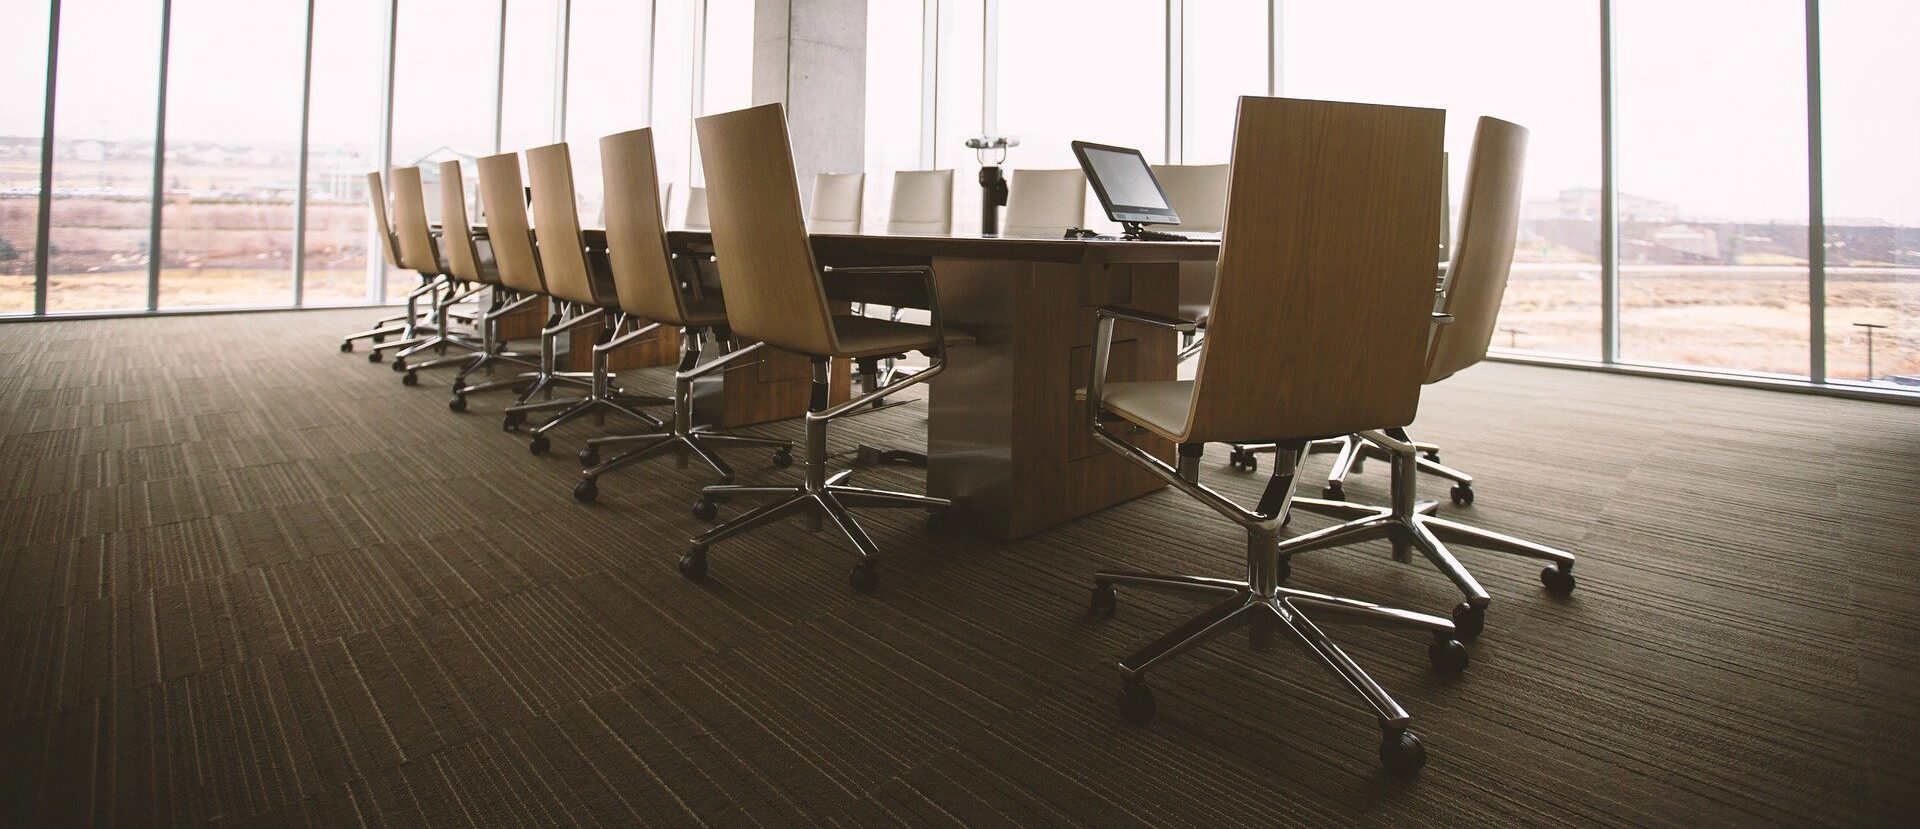 Zeiterfassung - dringender Handlungsbedarf für Unternehmen